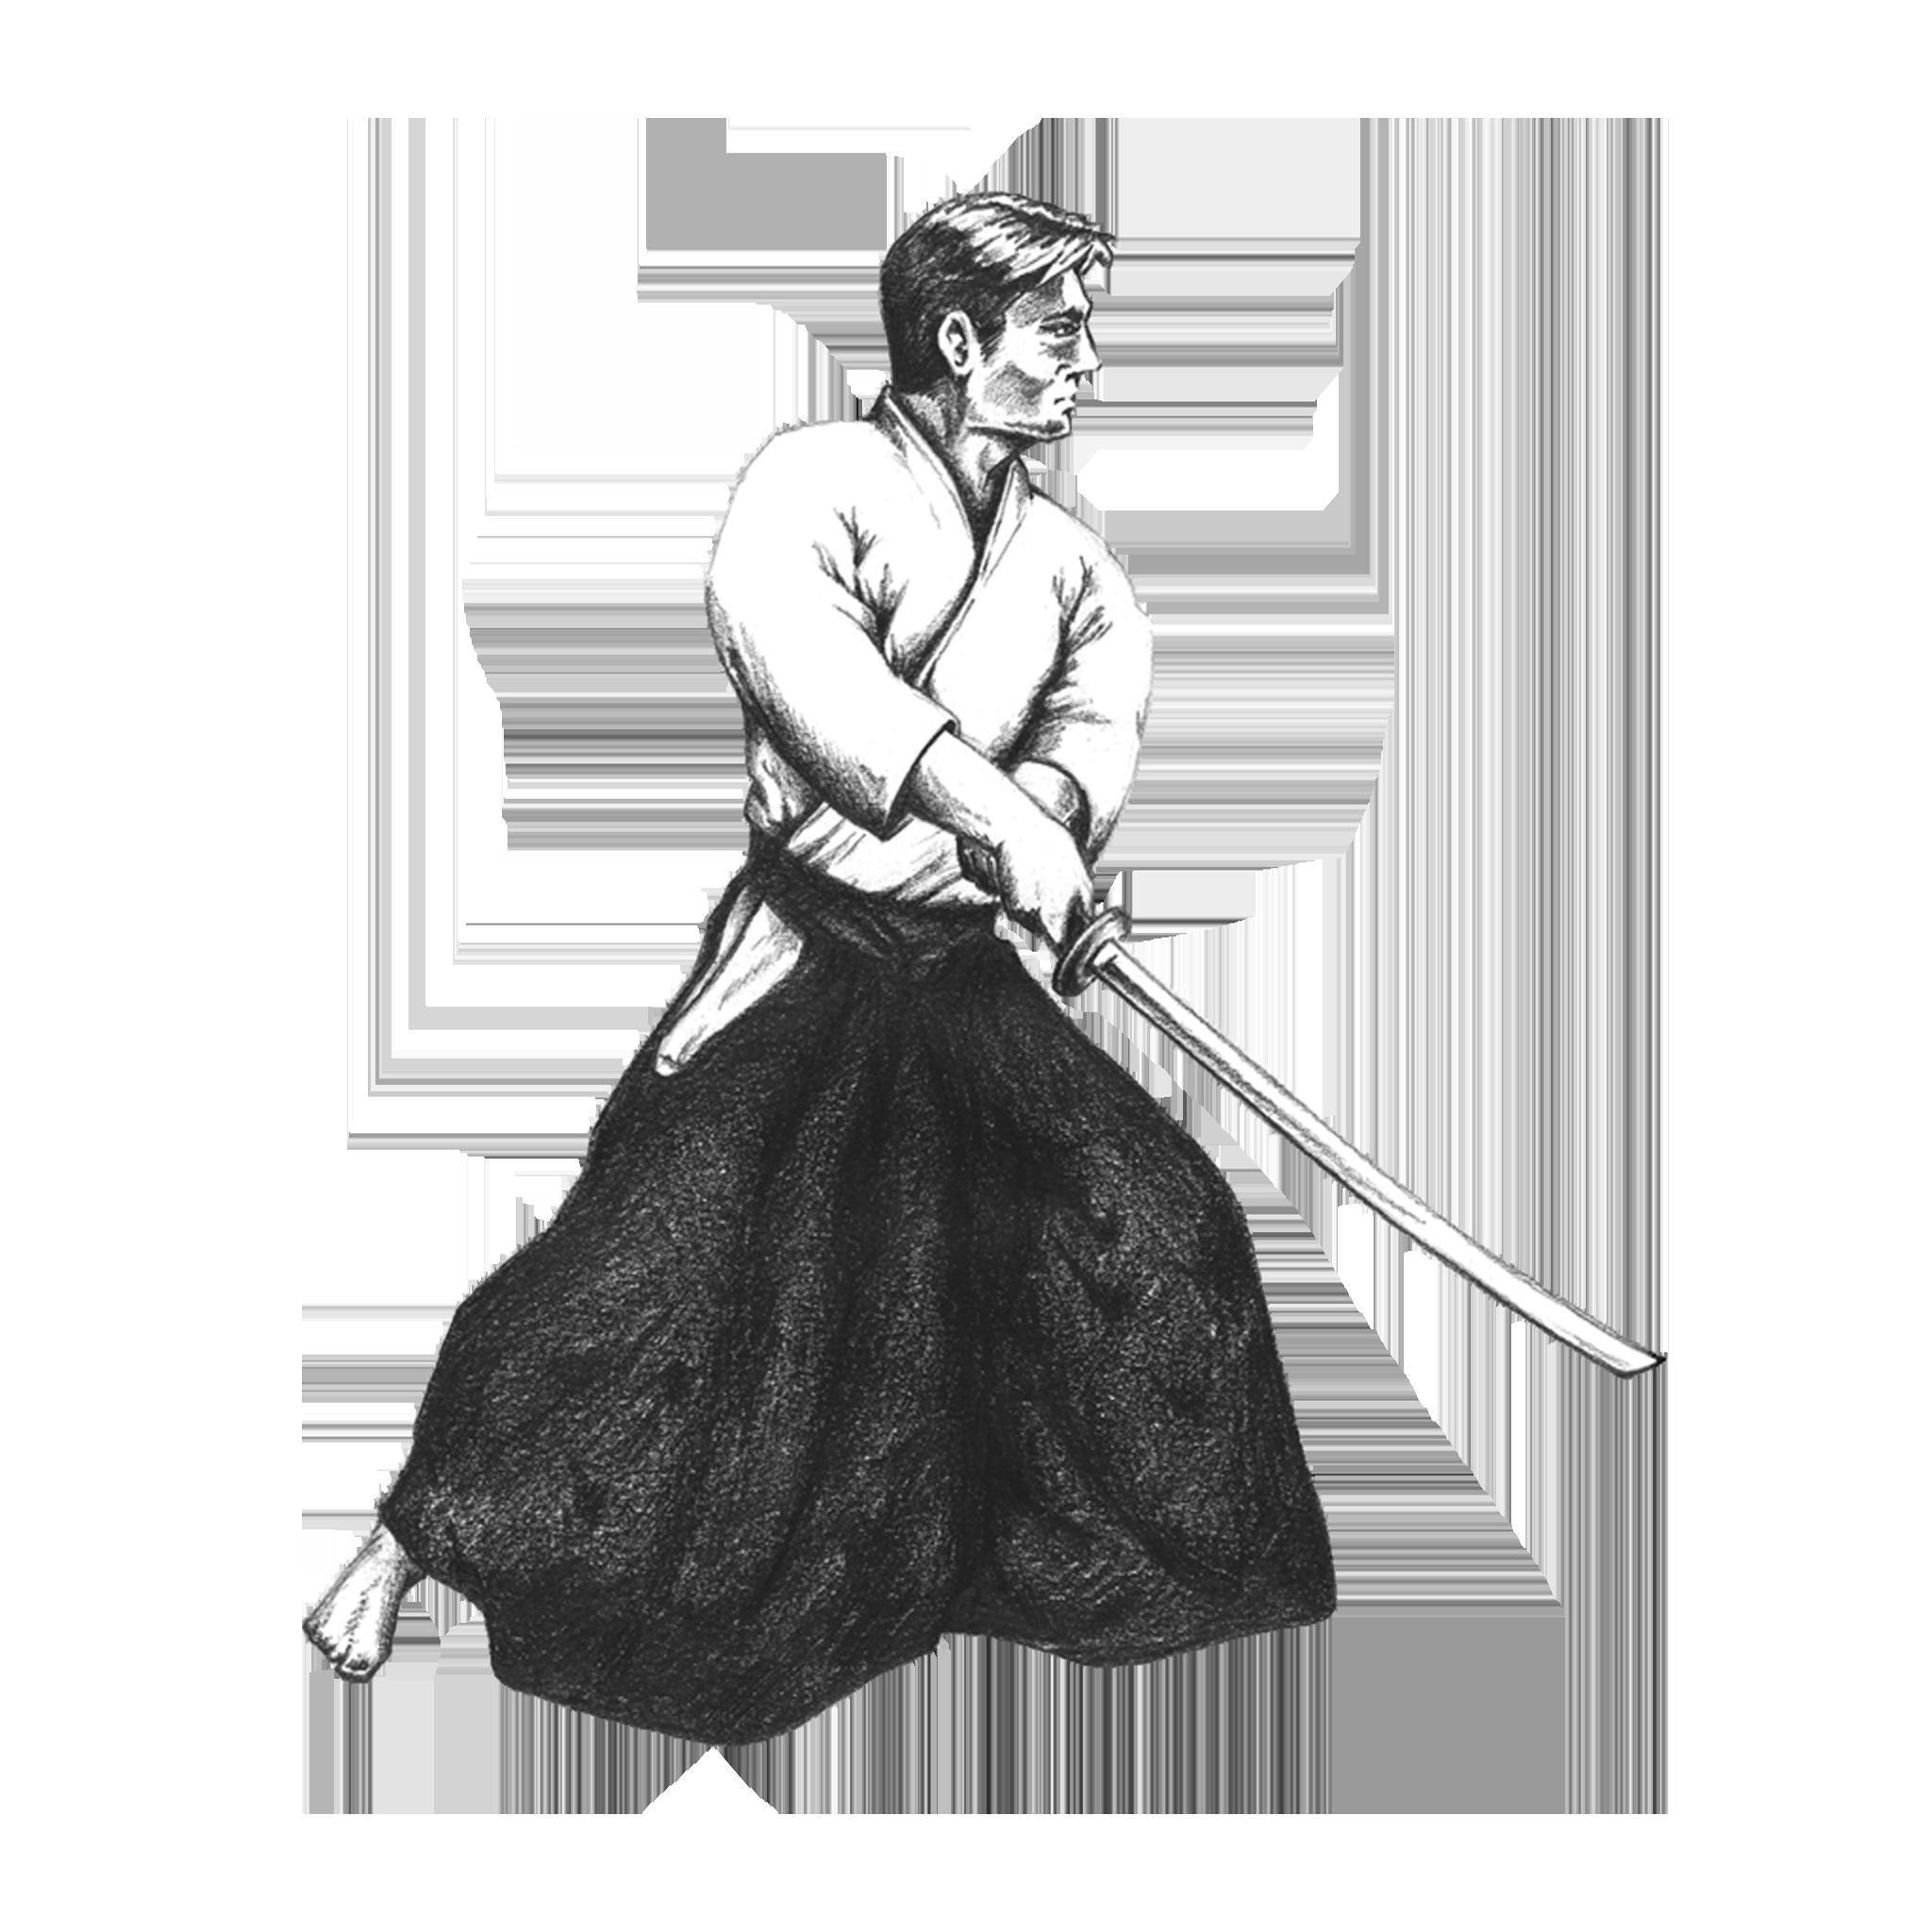 kisspng-craigieburn-martial-arts-centre-iaid-kendo-self-classes-usa-martial-arts-training-center-5b92eff64e1f99.39540975153635634232